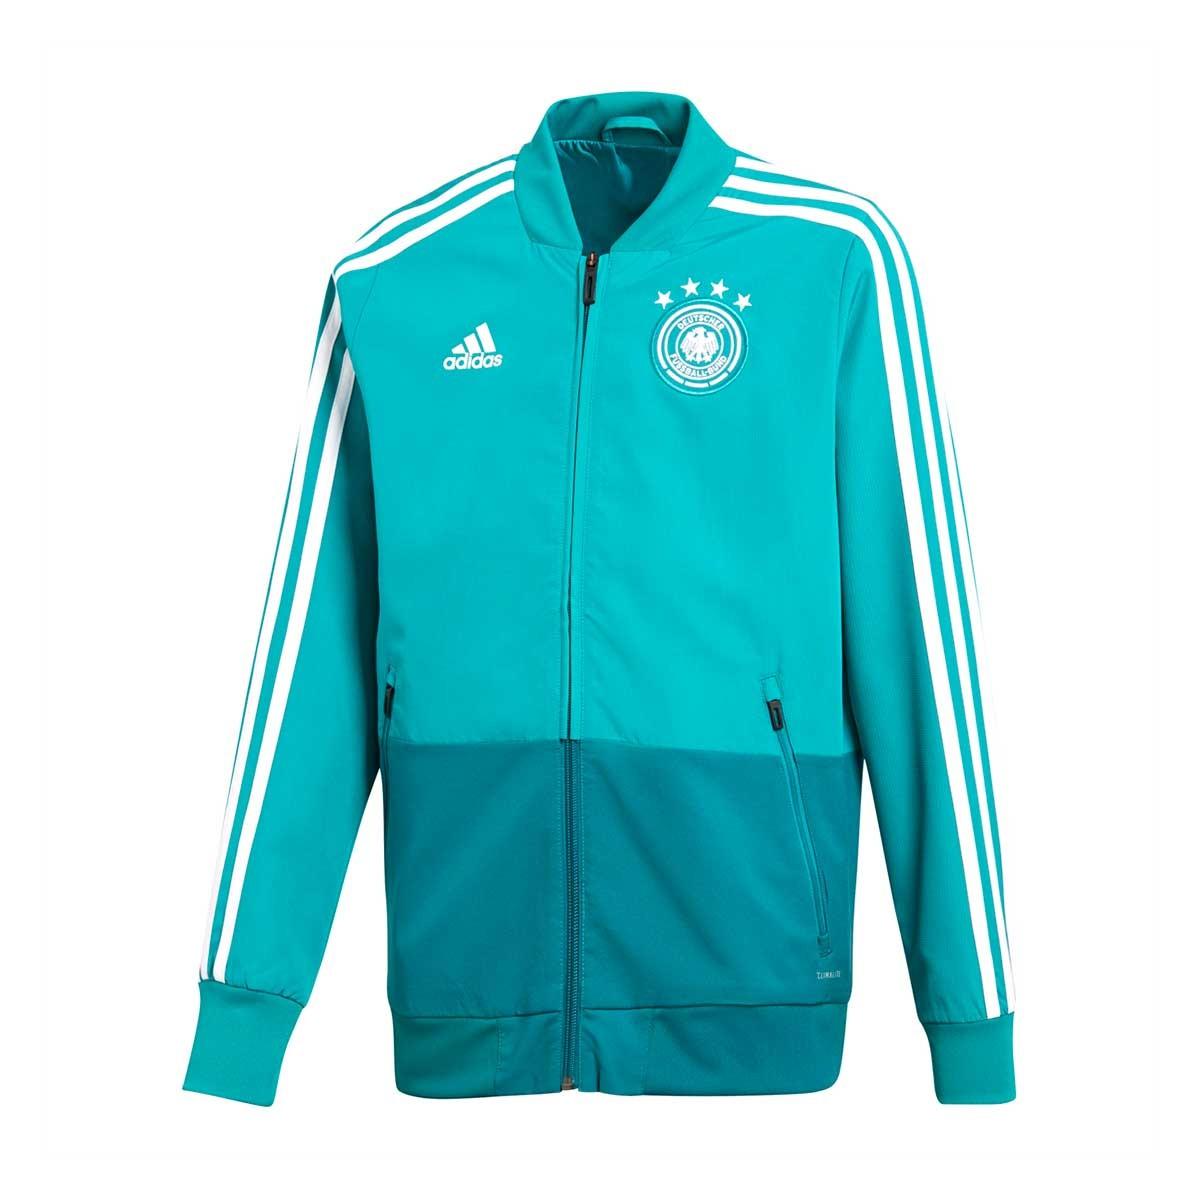 Chamarra adidas Previa Alemania 2017-2018 Niño Green-Real teal-White -  Soloporteros es ahora Fútbol Emotion 83ee9c65c6a22